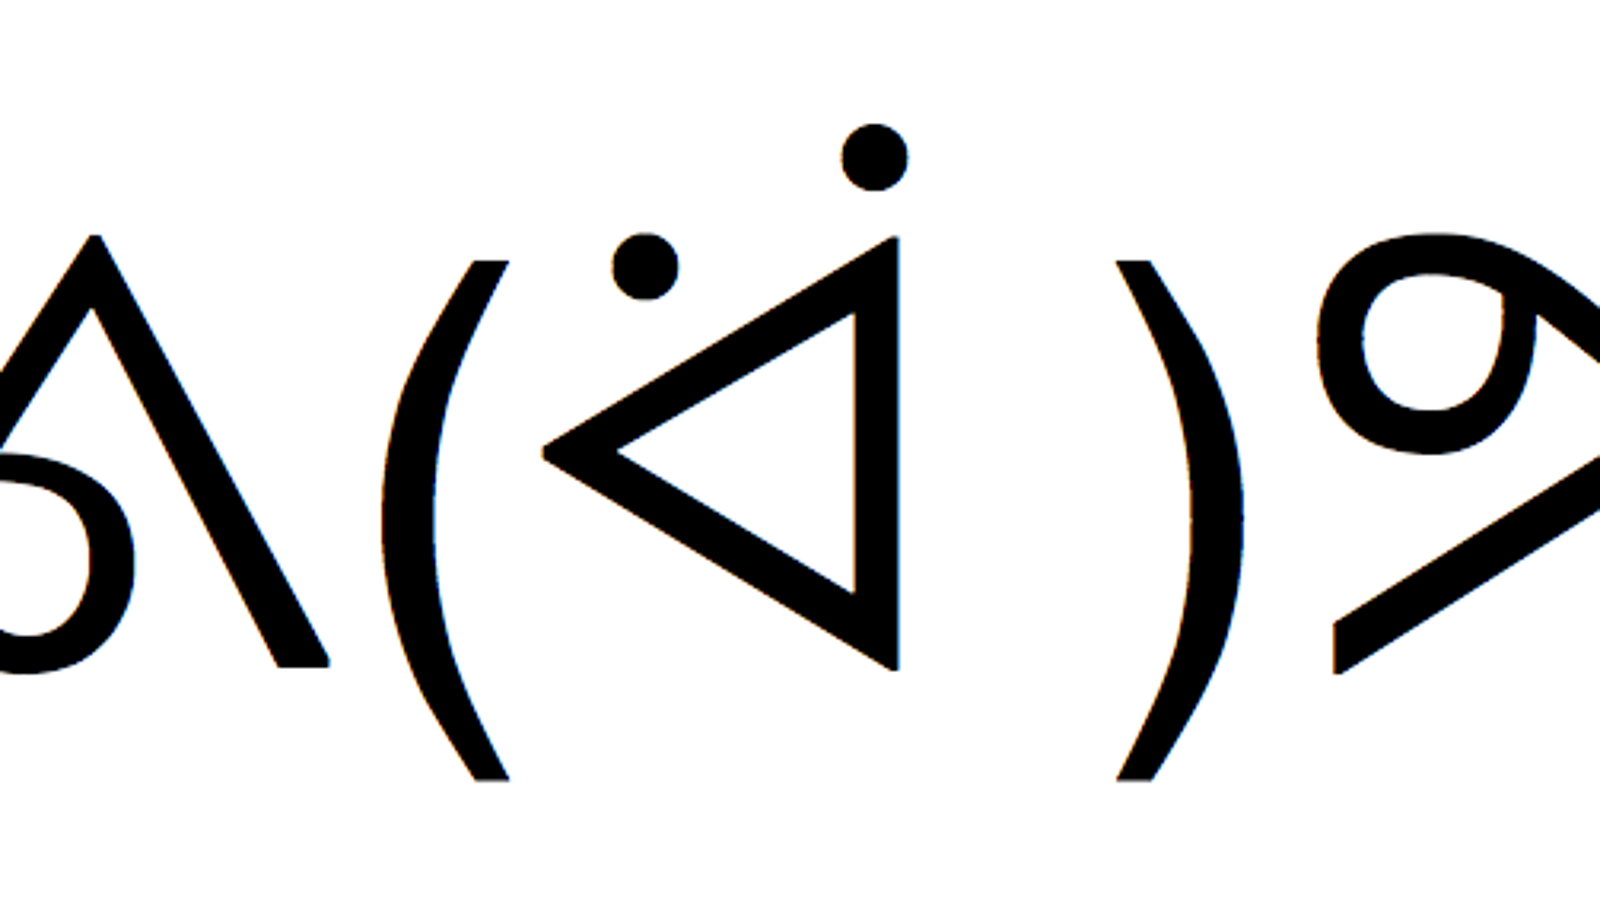 Los Emojis Más Extraños Y Menos Utilizados Que Disfrutarás Enviando